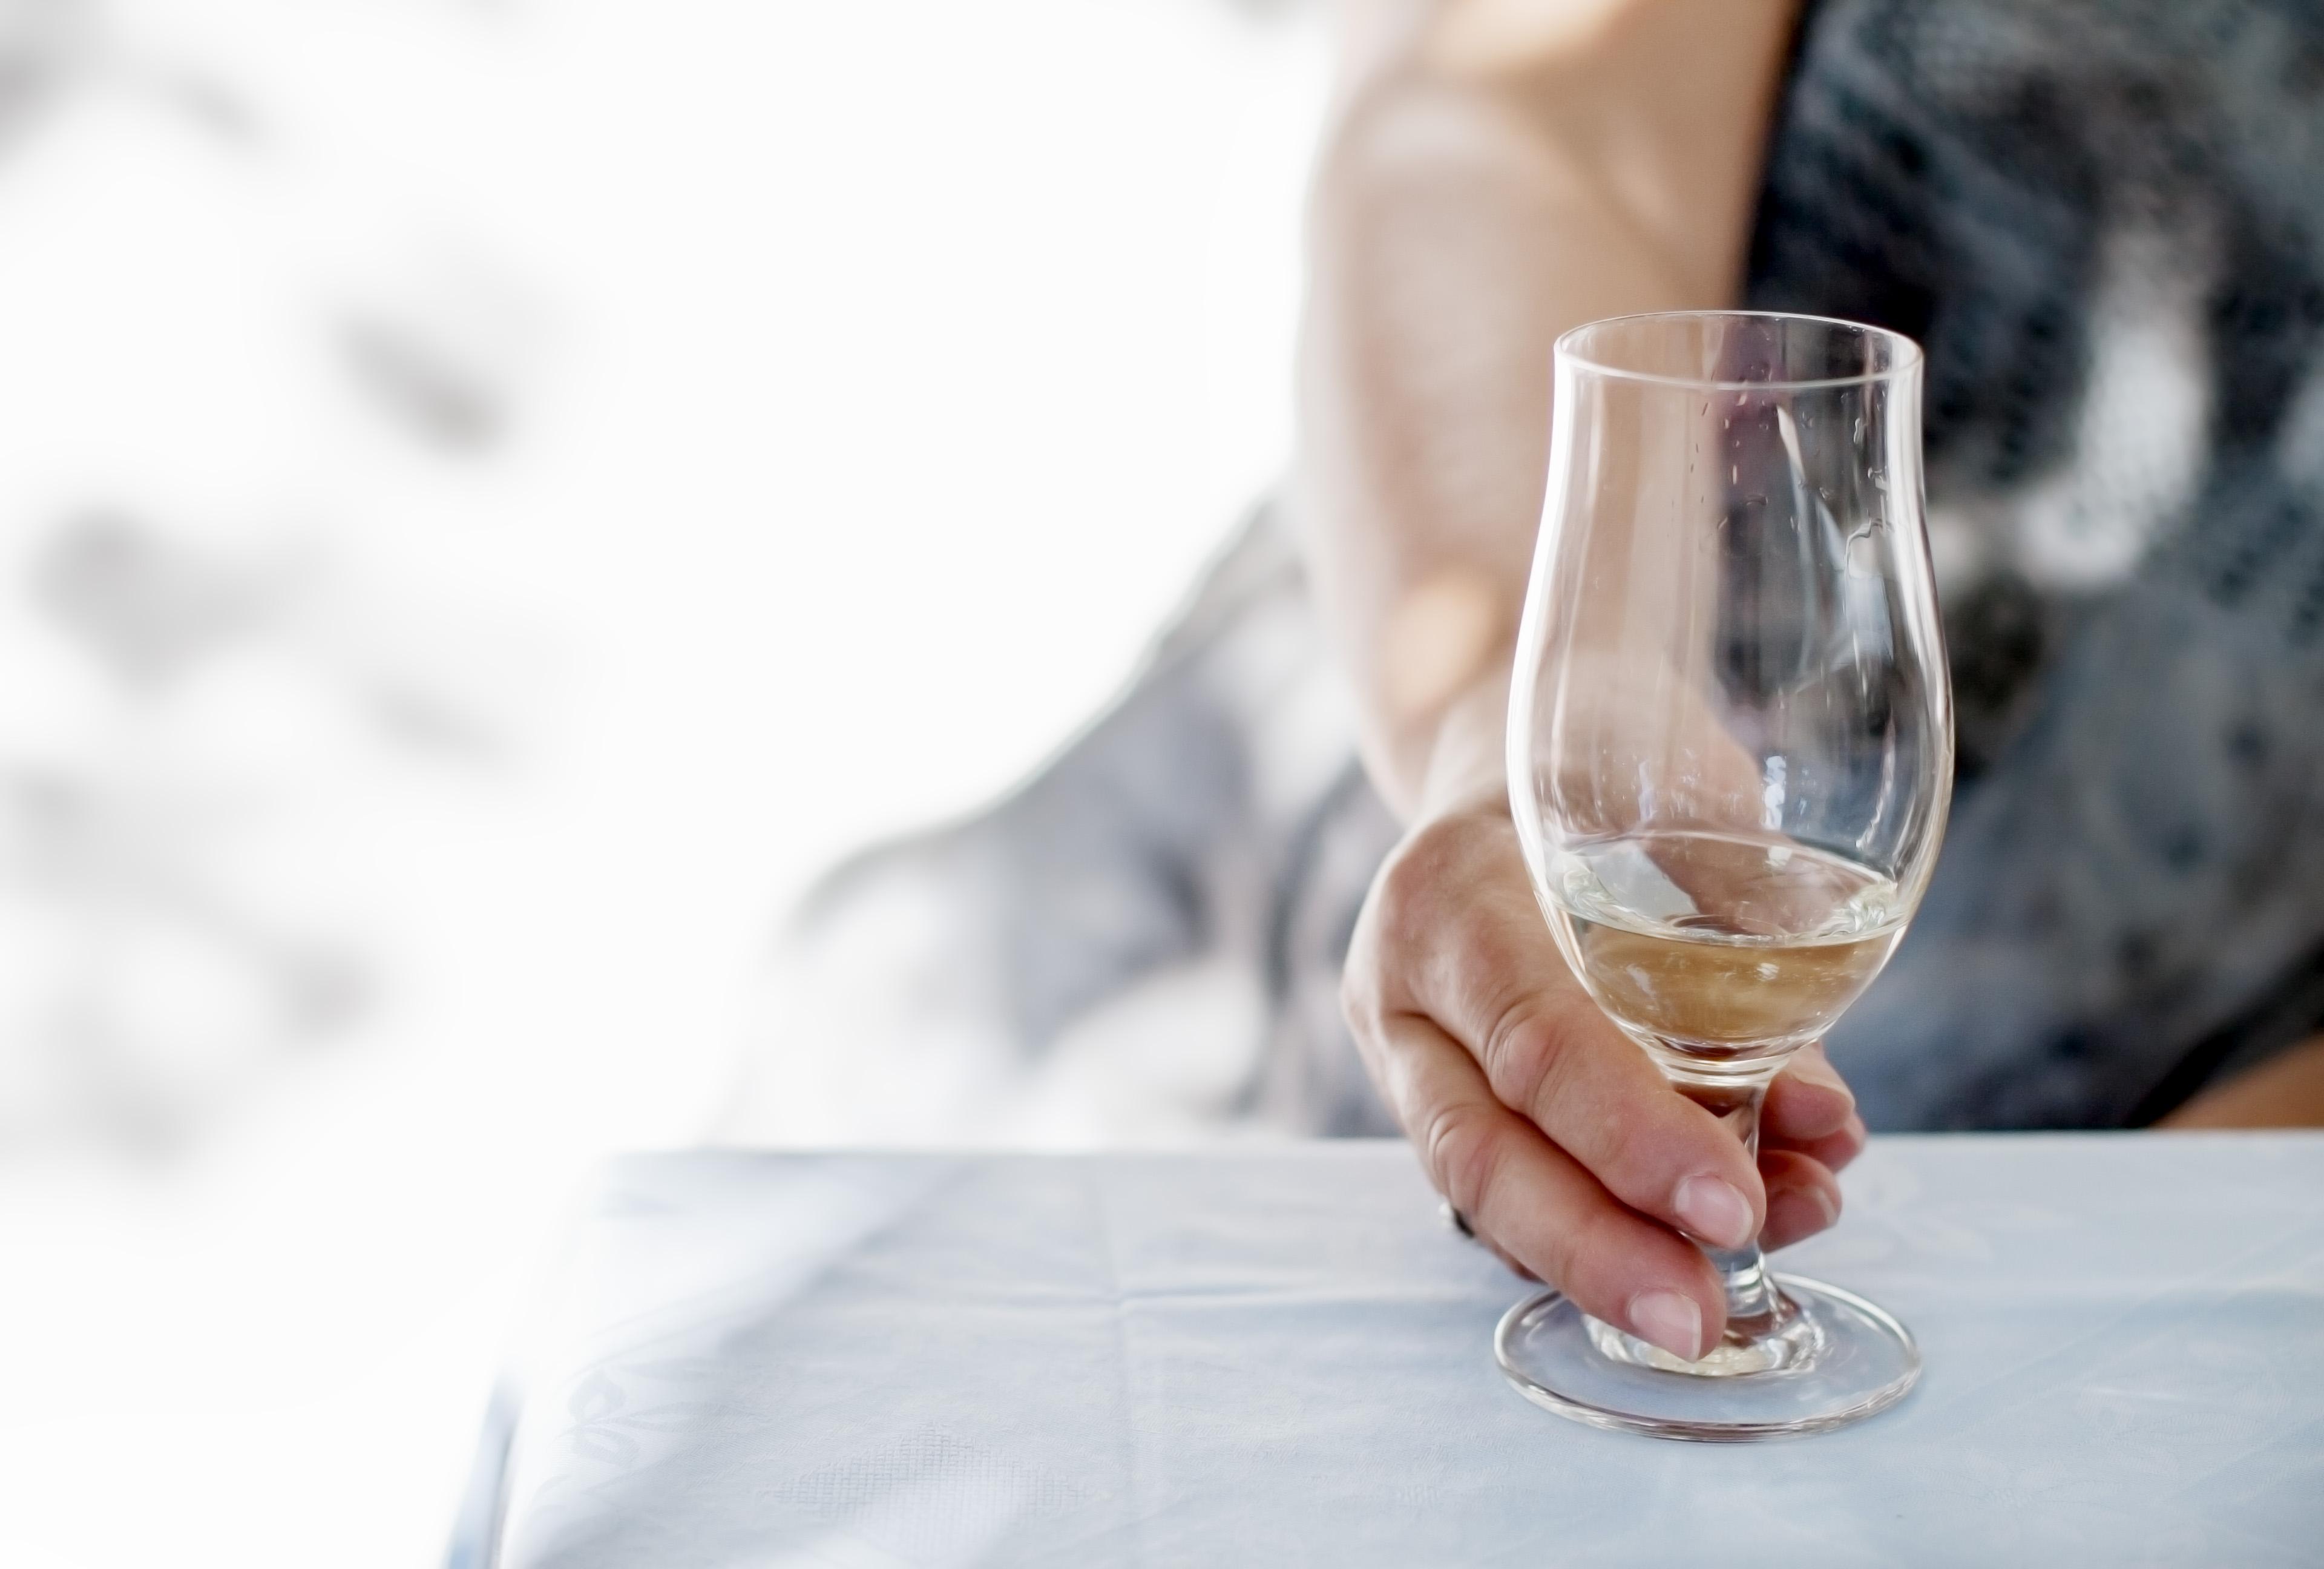 La intervención de la enfermería reduce el consumo de alcohol